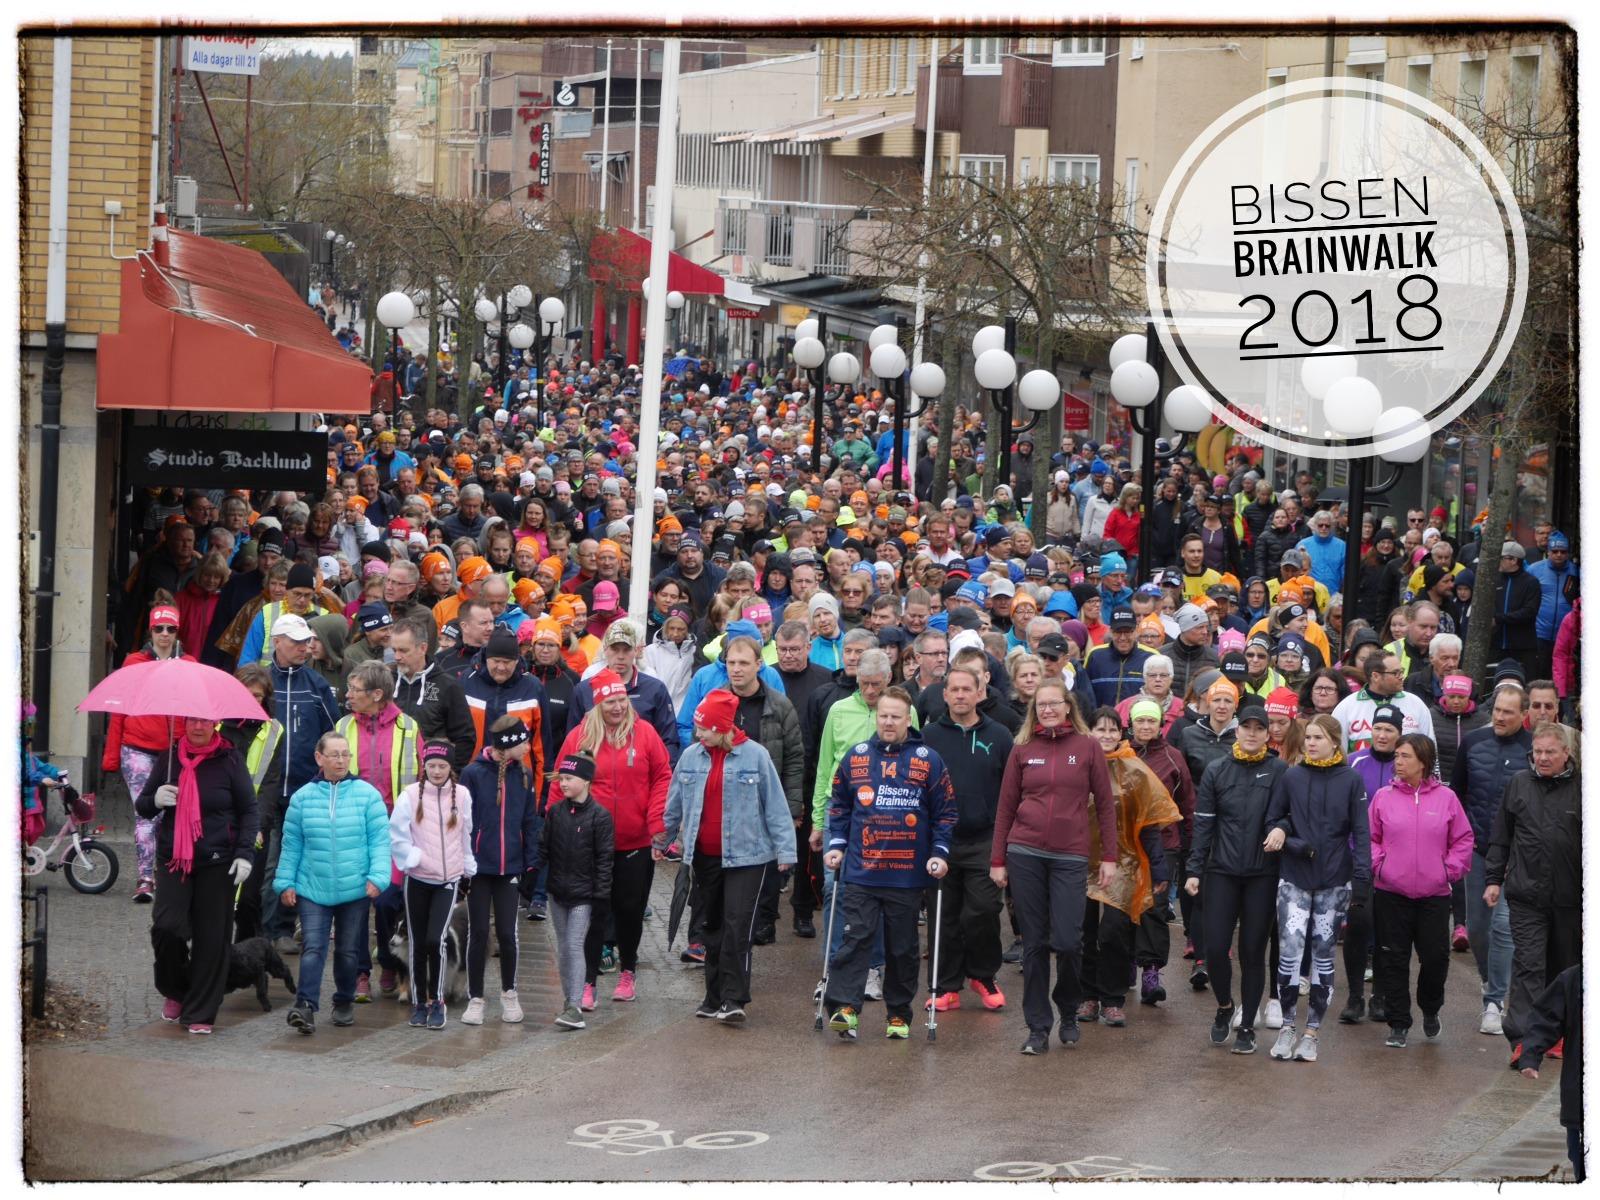 Bissen Brainwalk med många deltagare i promenaden